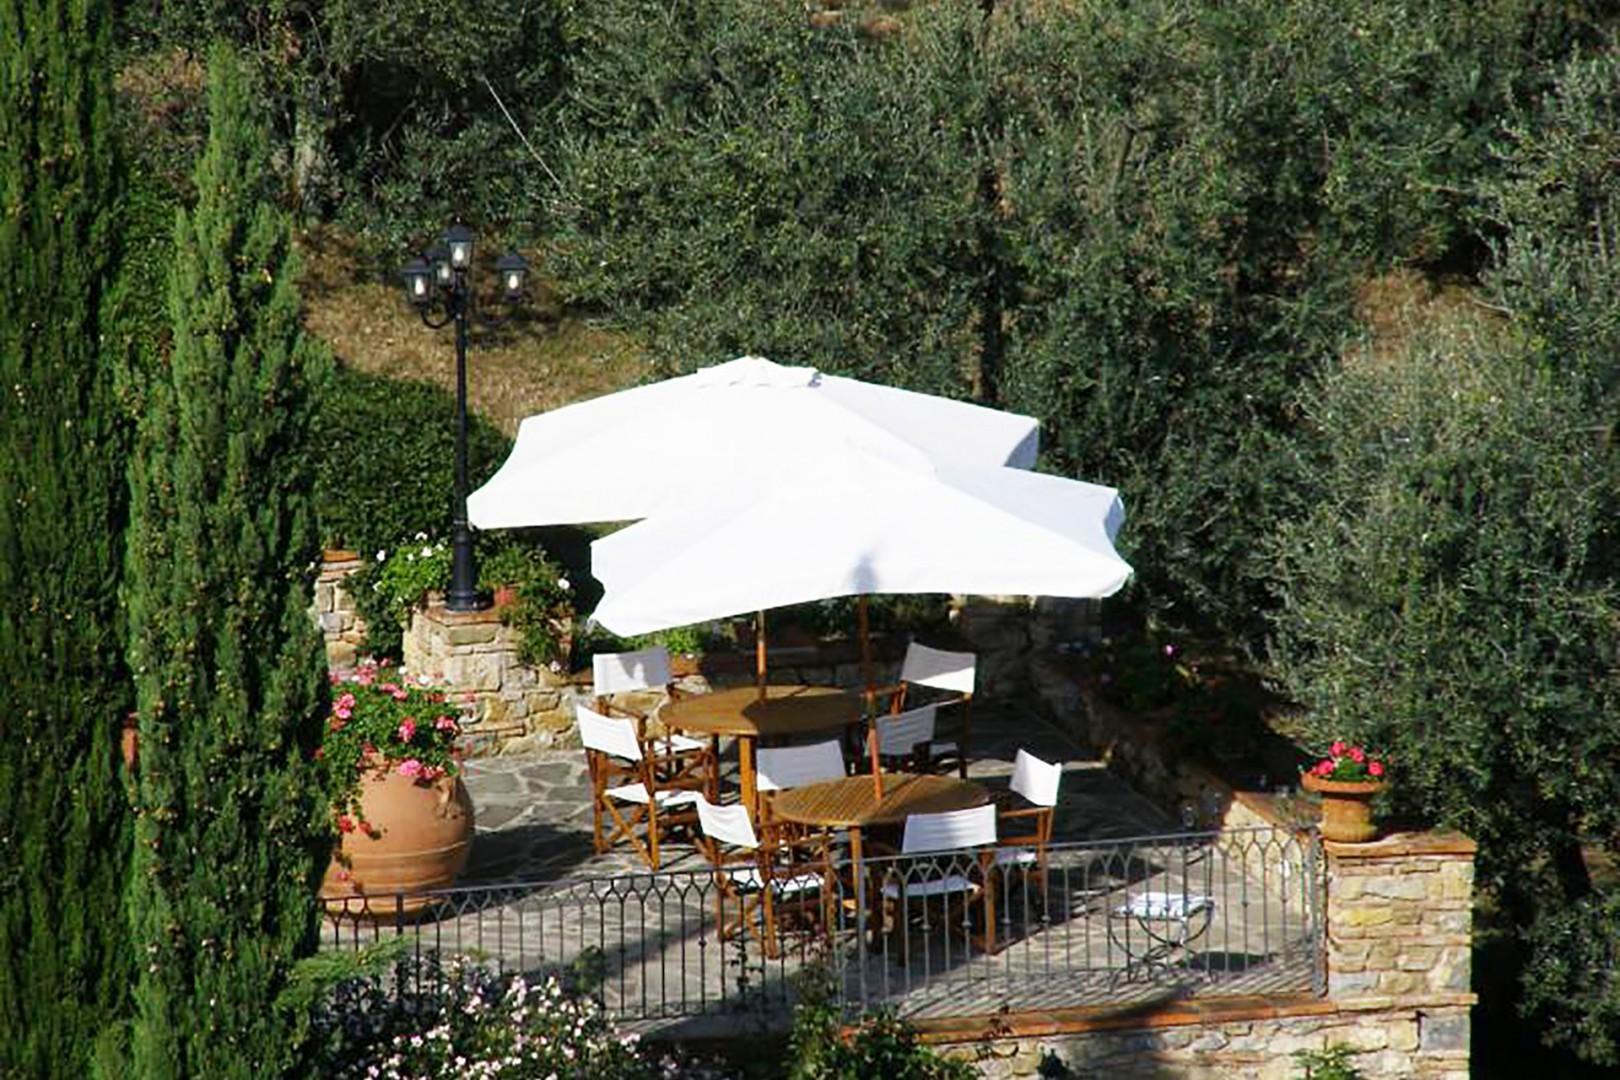 Terrace outside the restaurant.